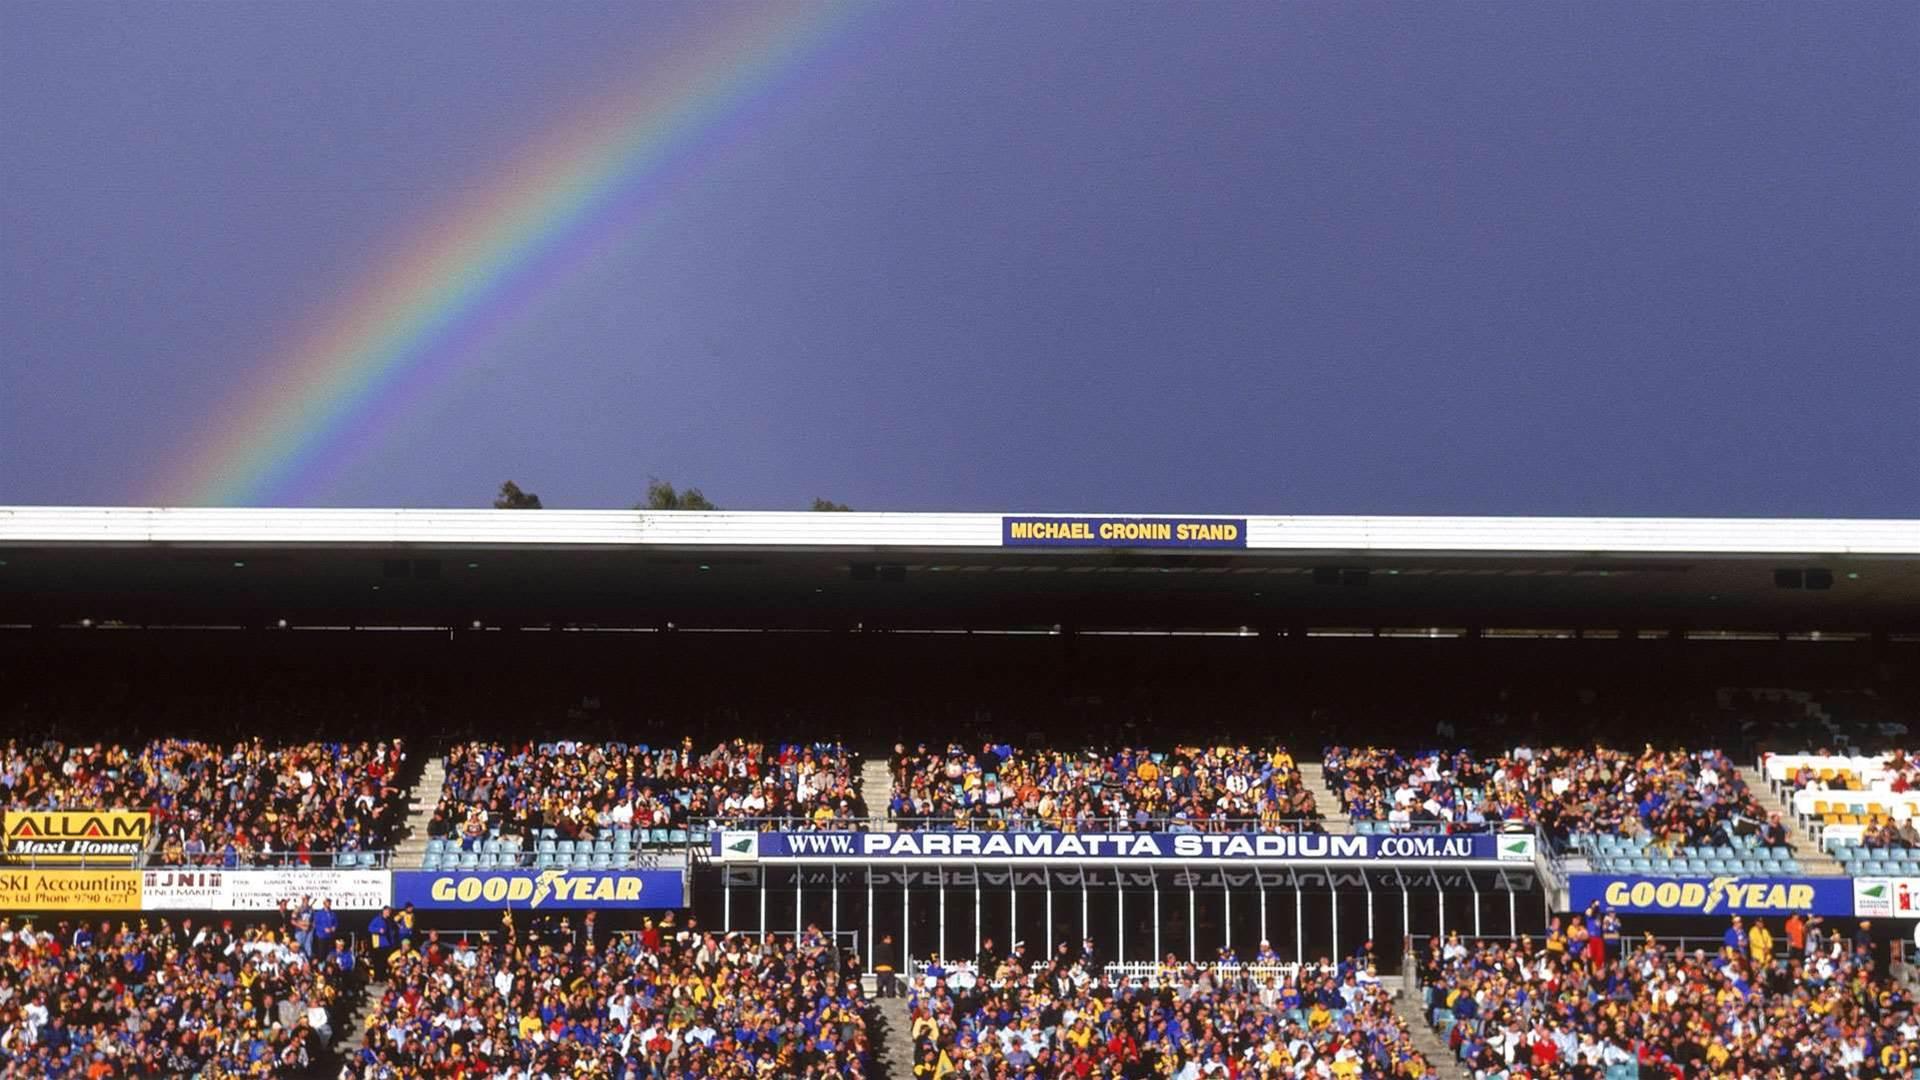 Memories of Parramatta Stadium